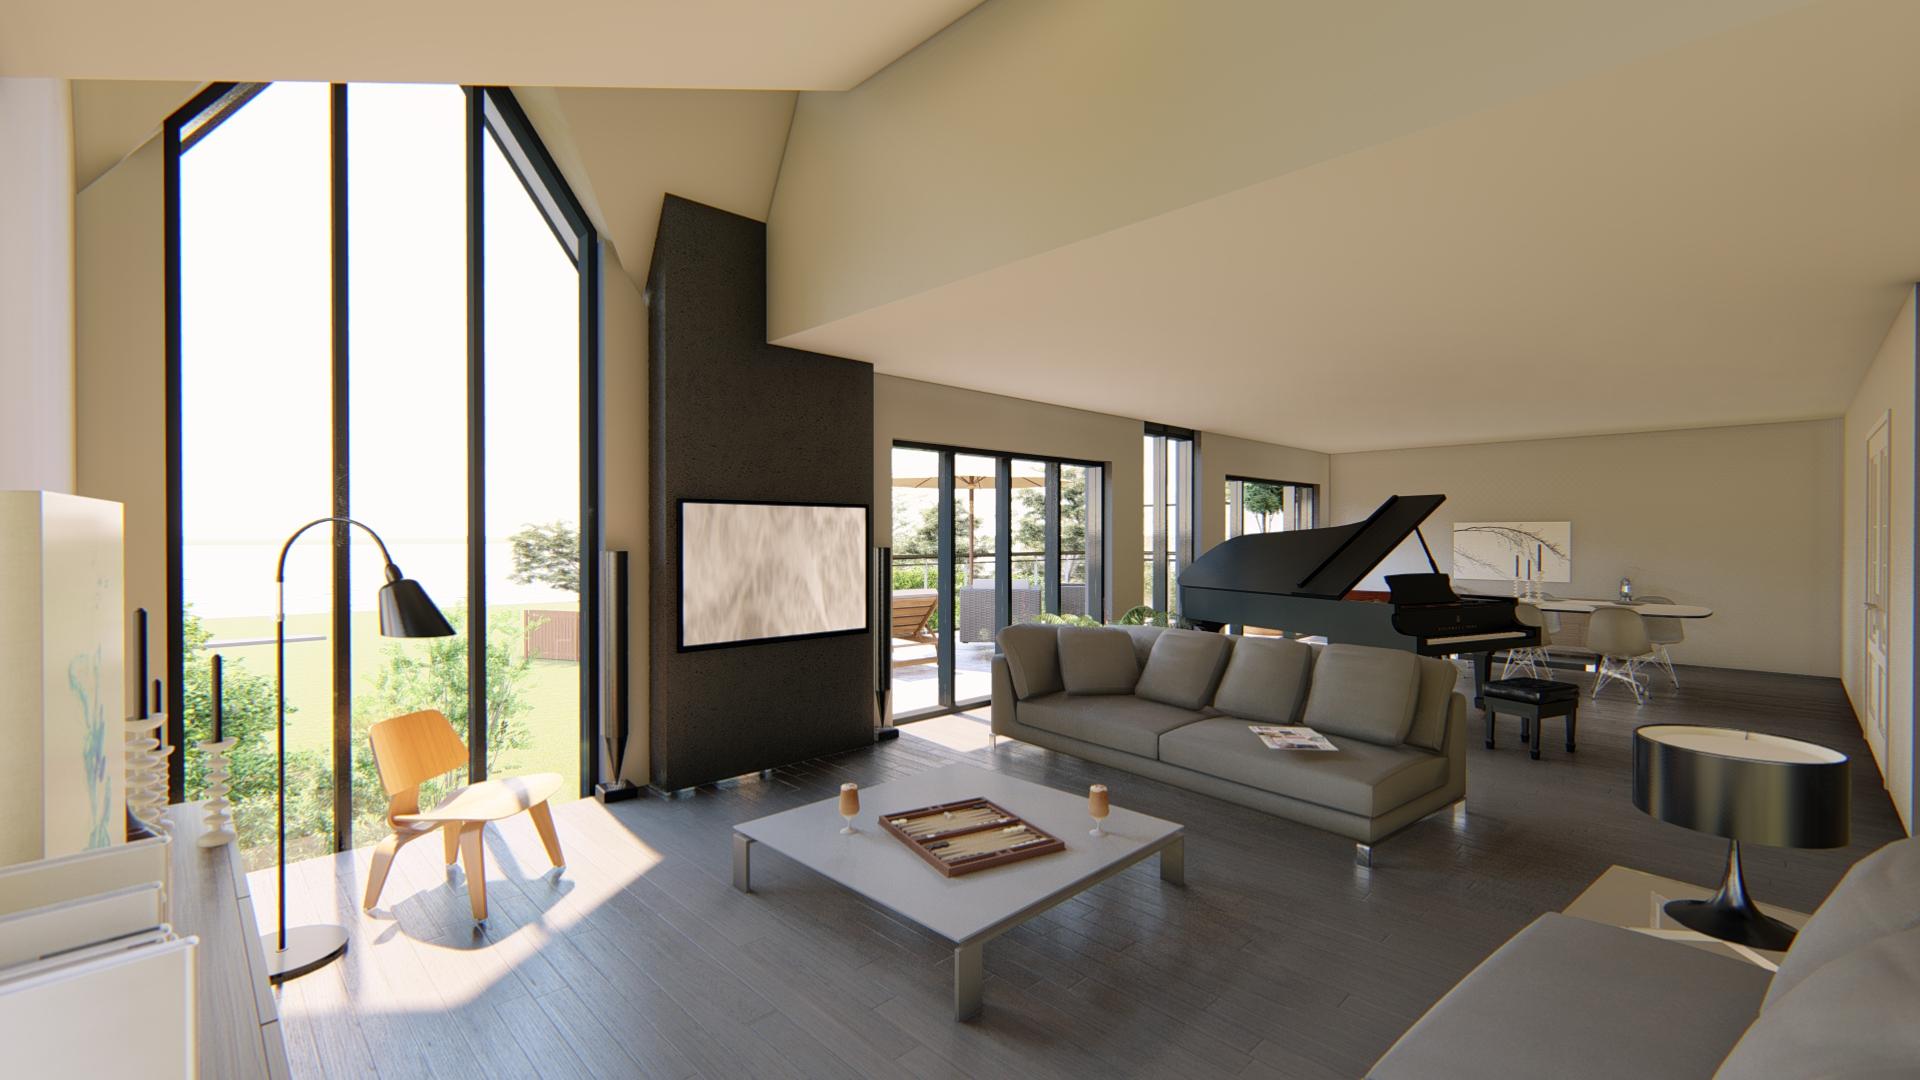 Carter- Zub - Architectural design